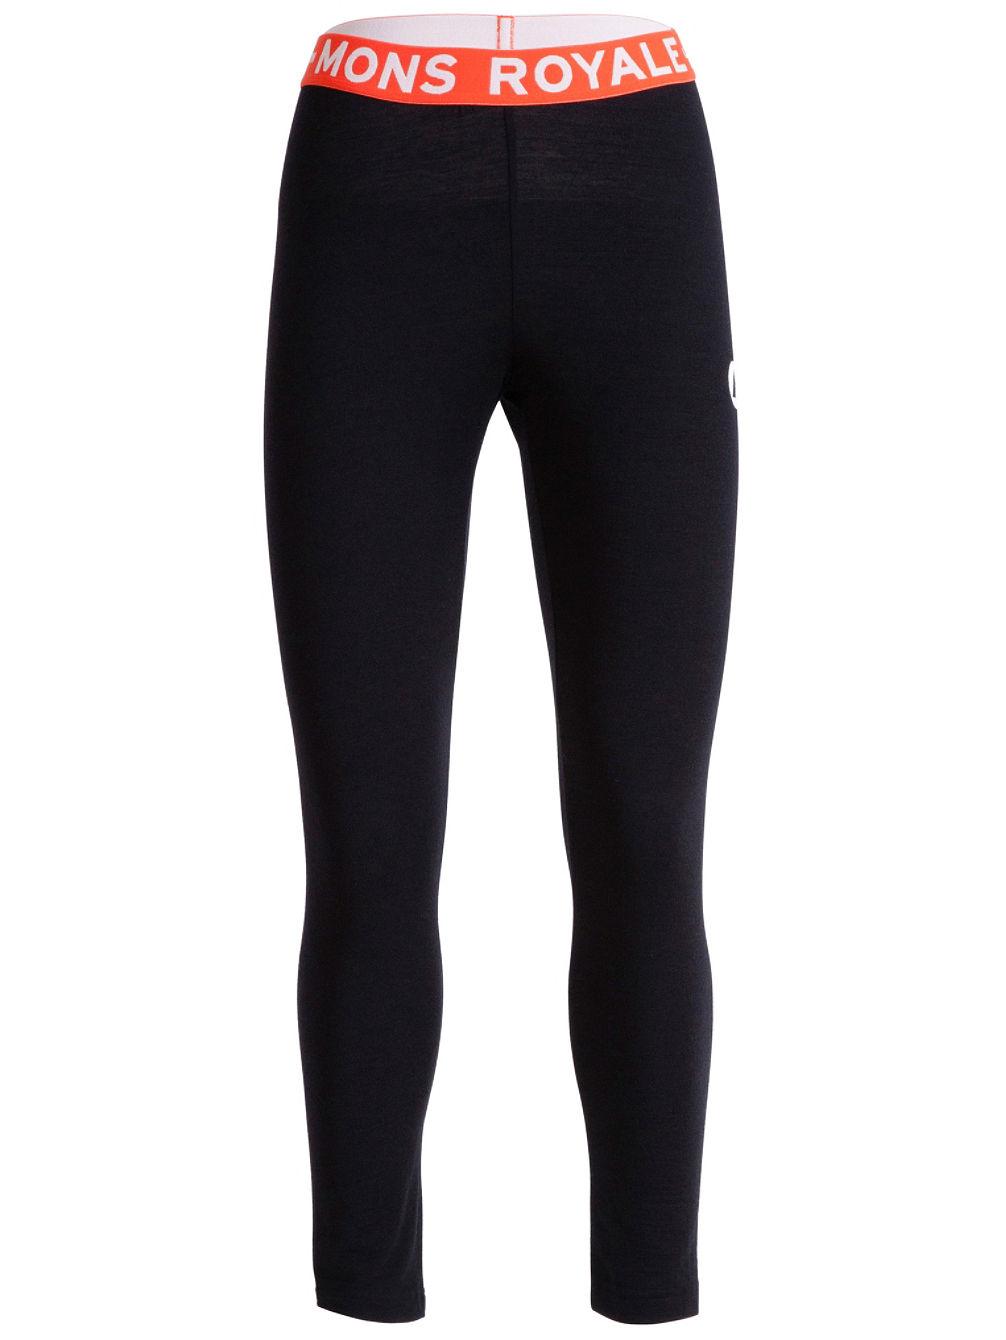 mons-royale-merino-christy-leggings-fwt-tech-pants